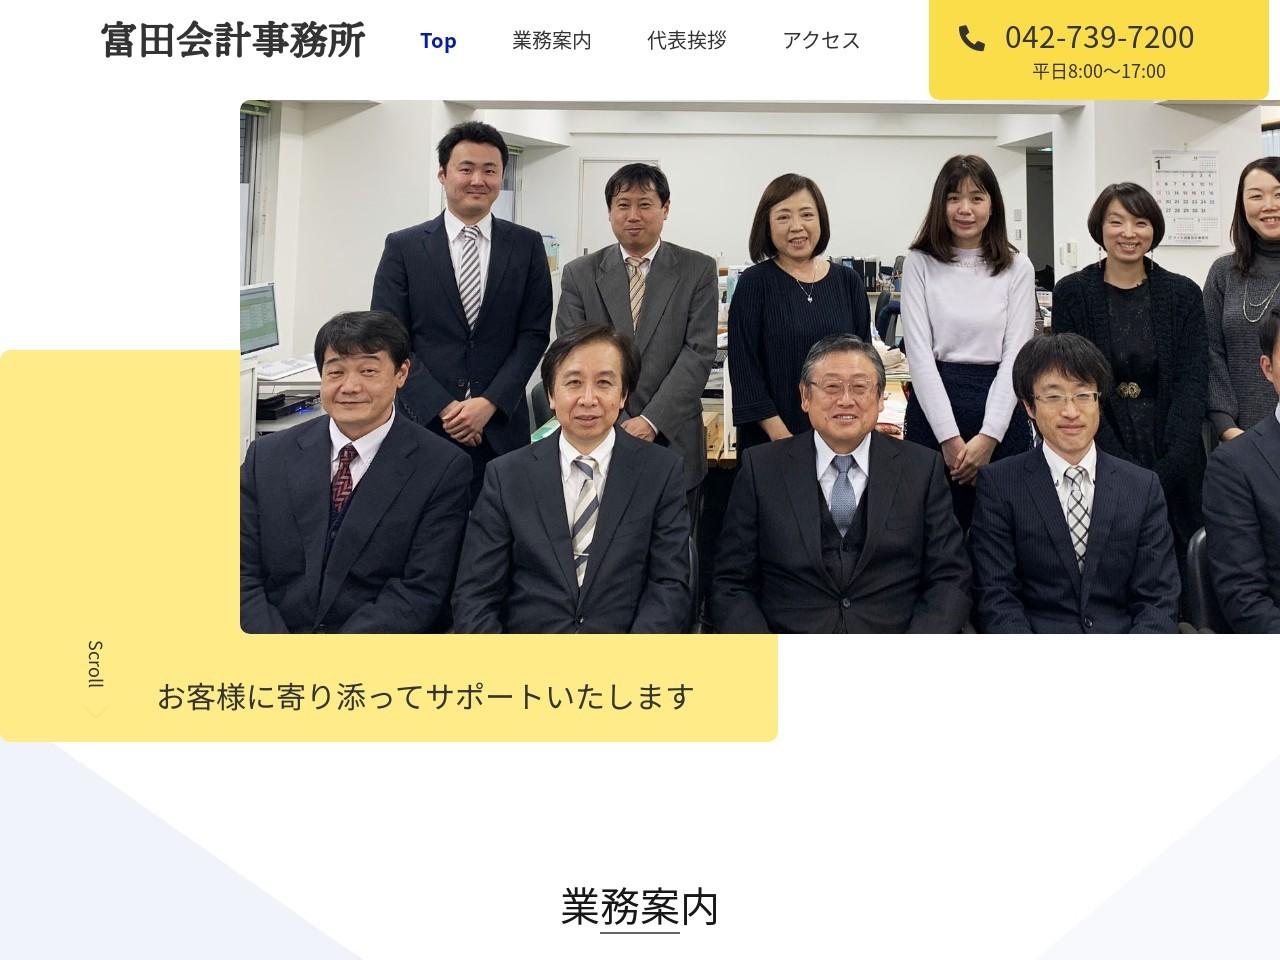 富田会計事務所